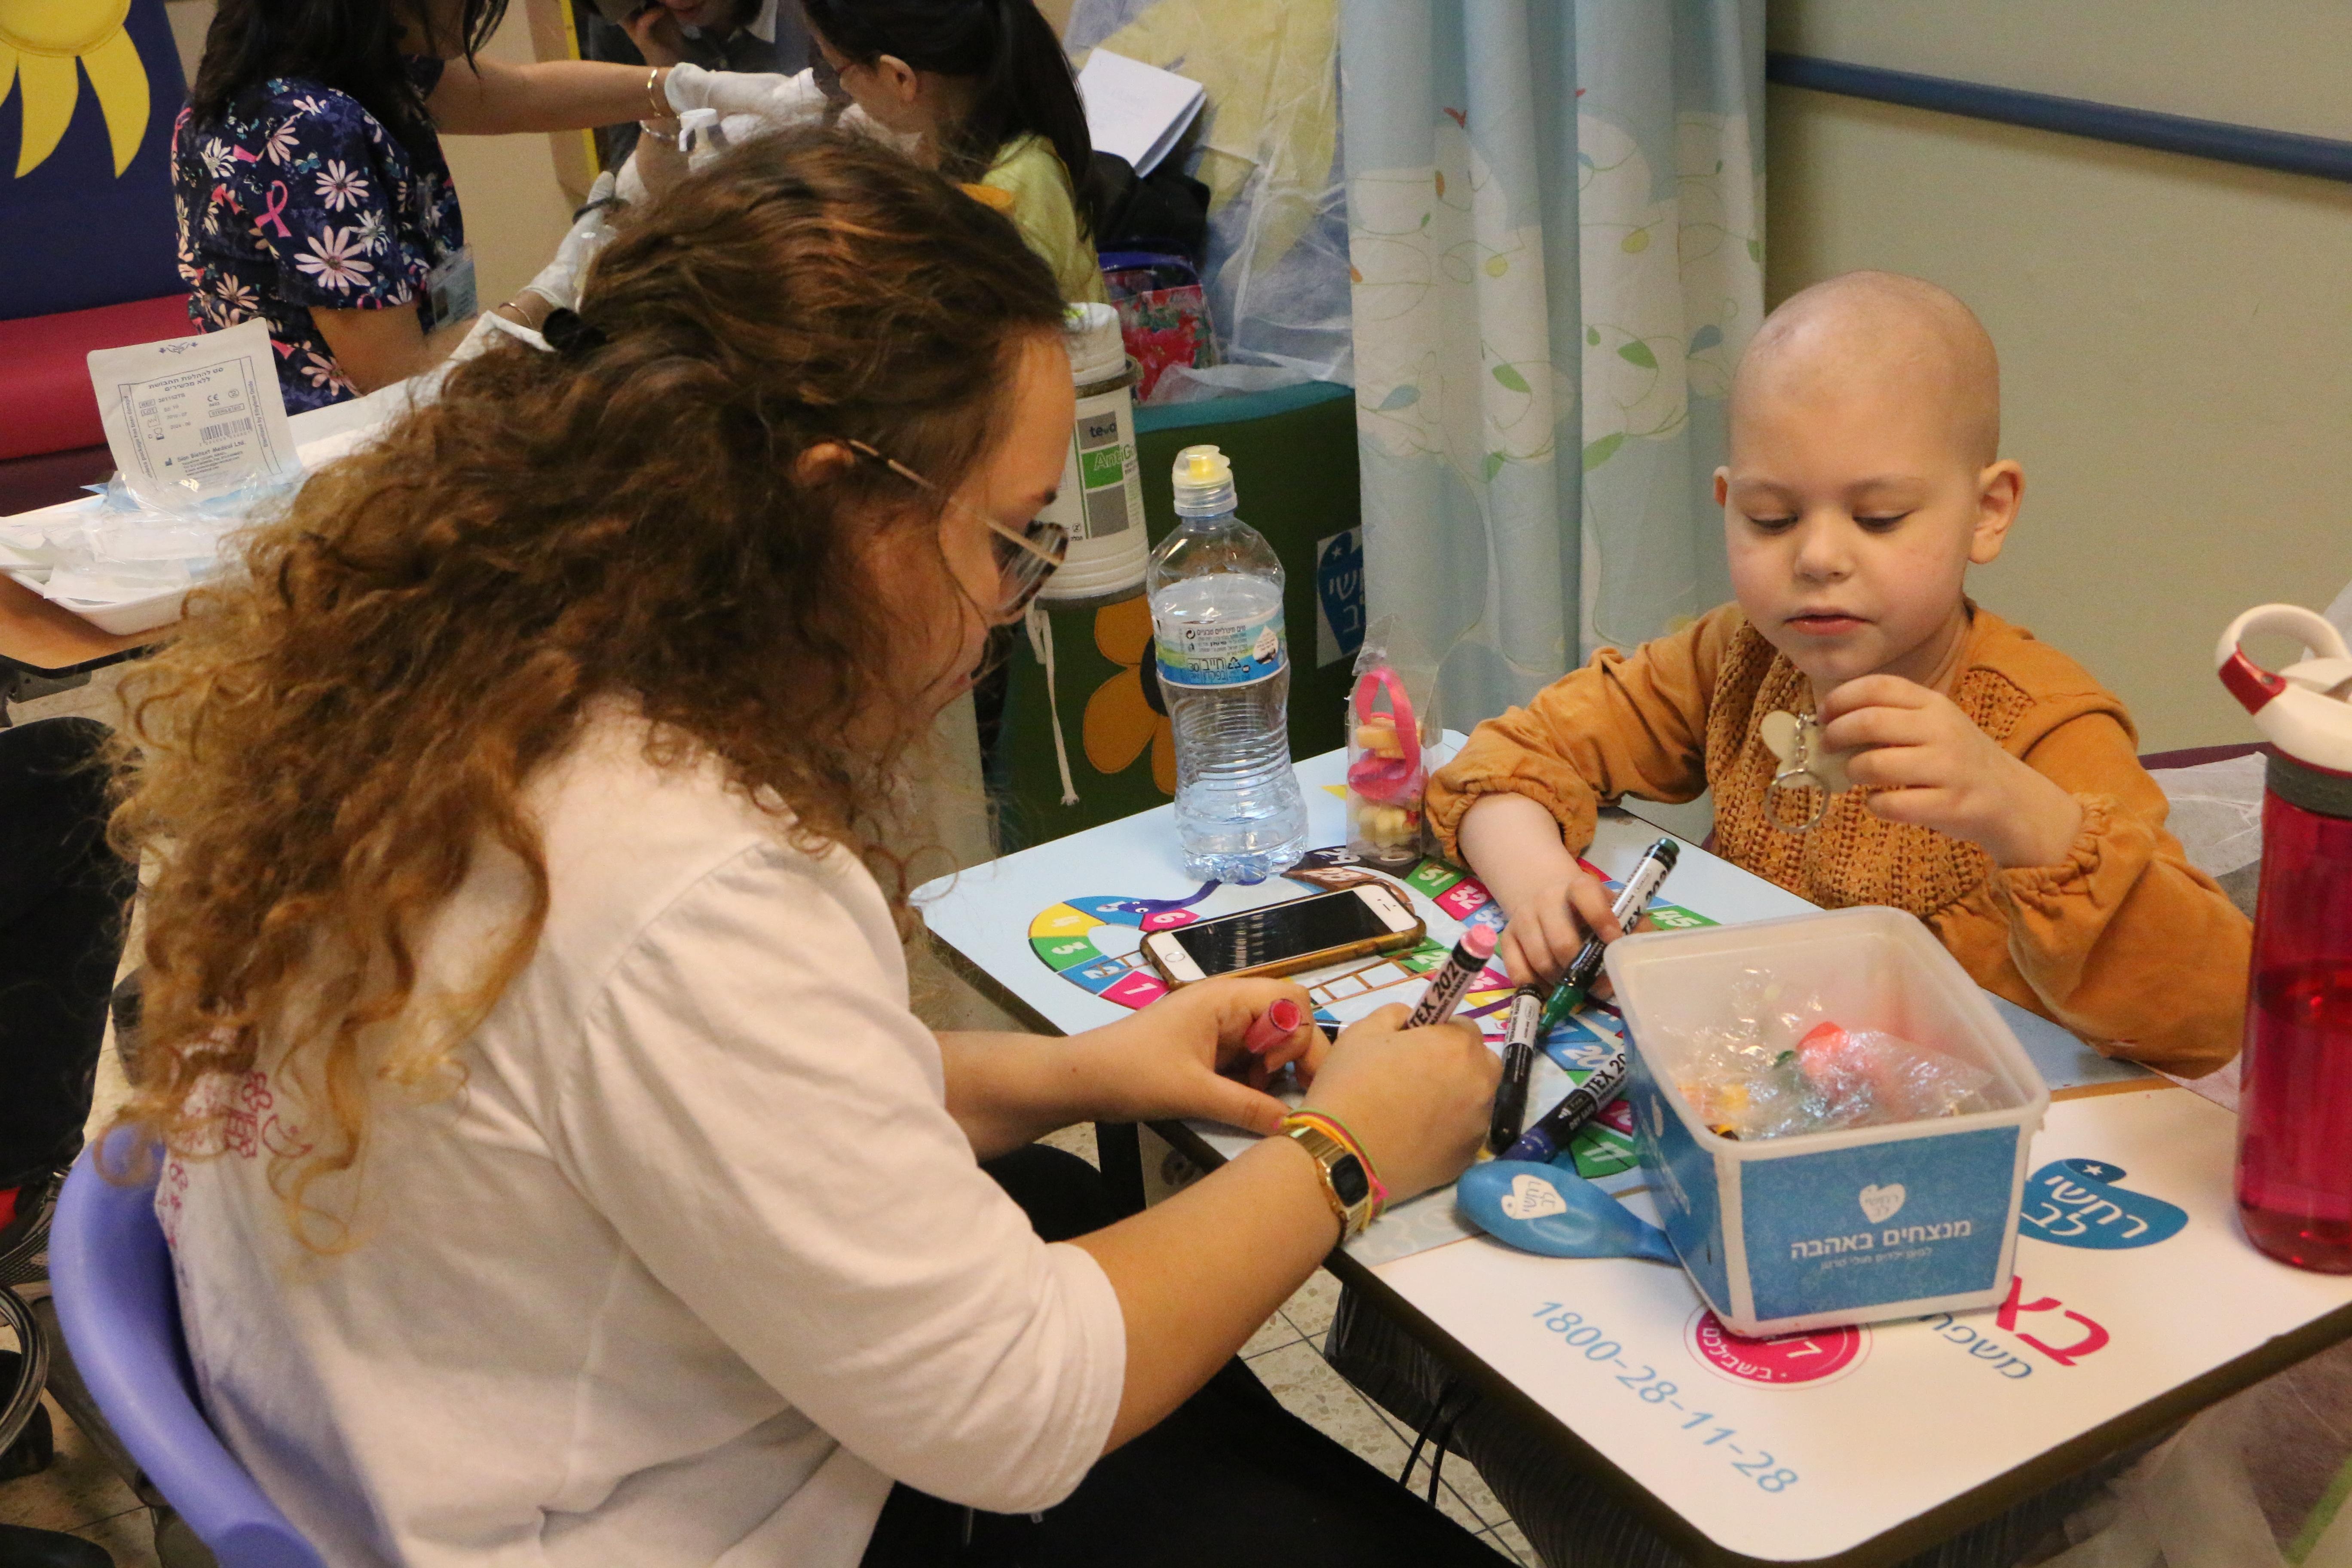 רחשי לב, עמותה המסייעת לילדים המתמודדים עם מחלת הסרטן ובני ומשפחותיהם